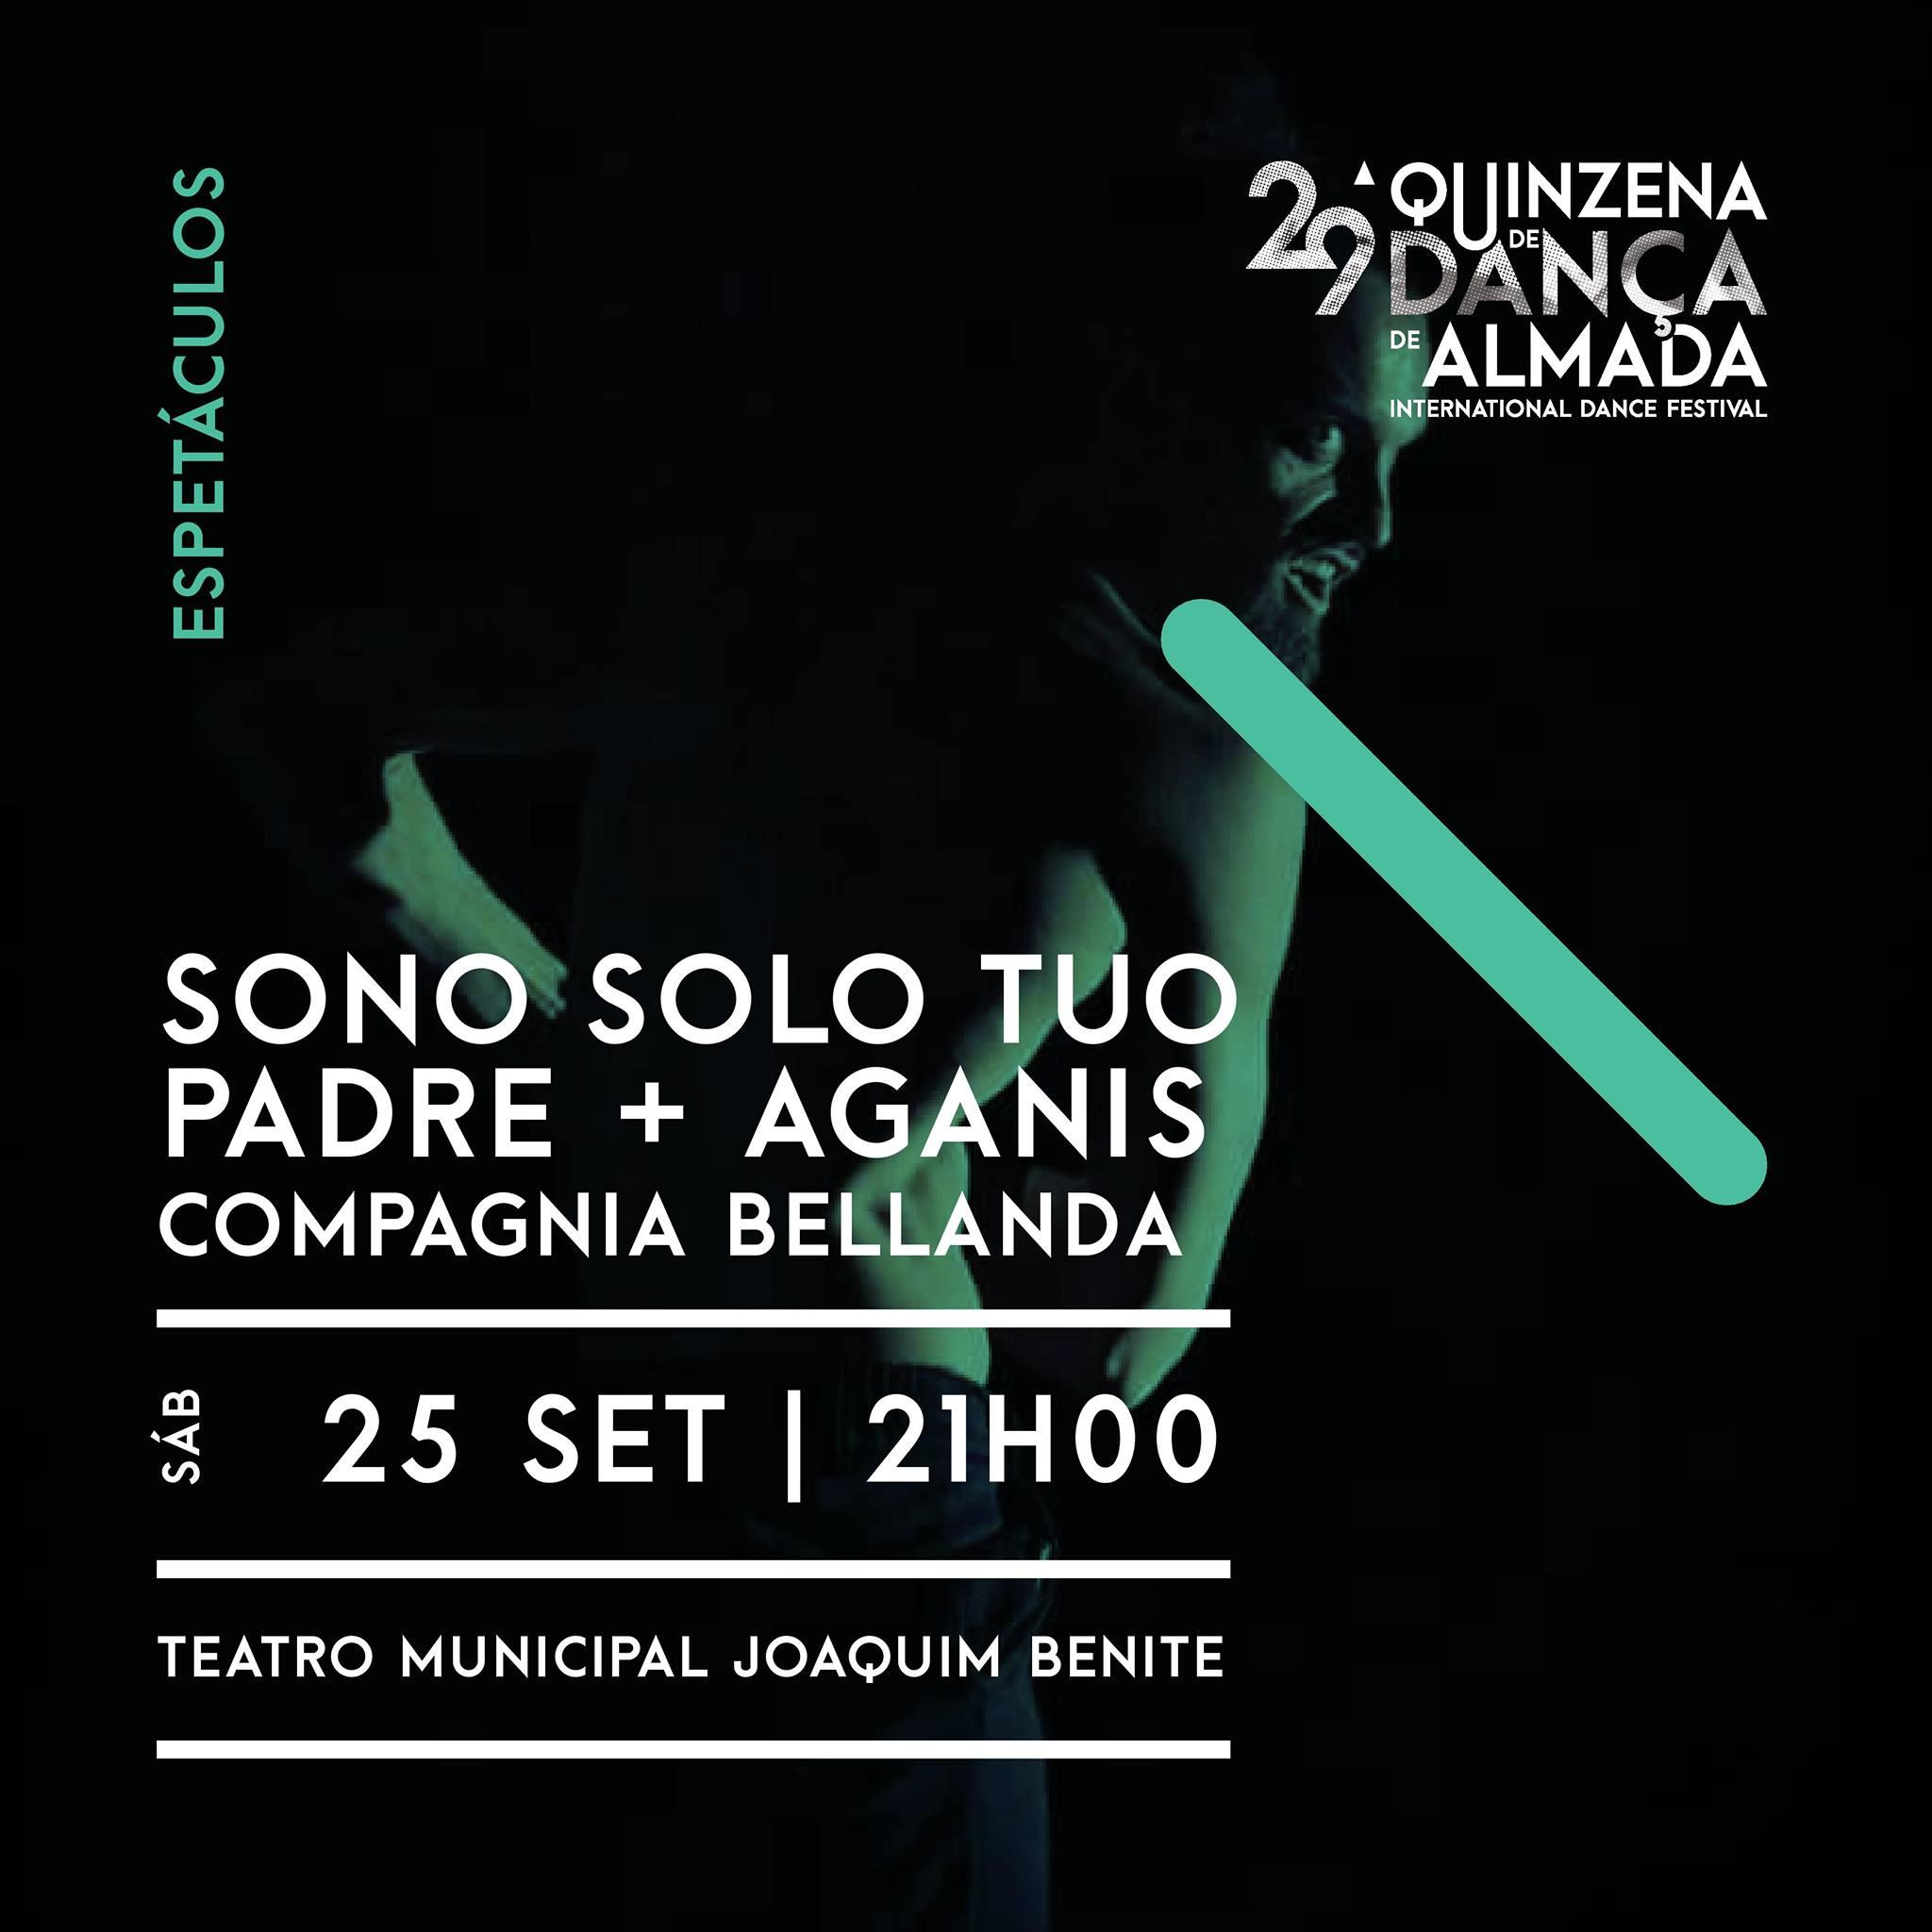 SONO SOLO TUO PADRE + AGANIS   Compagnia Bellanda